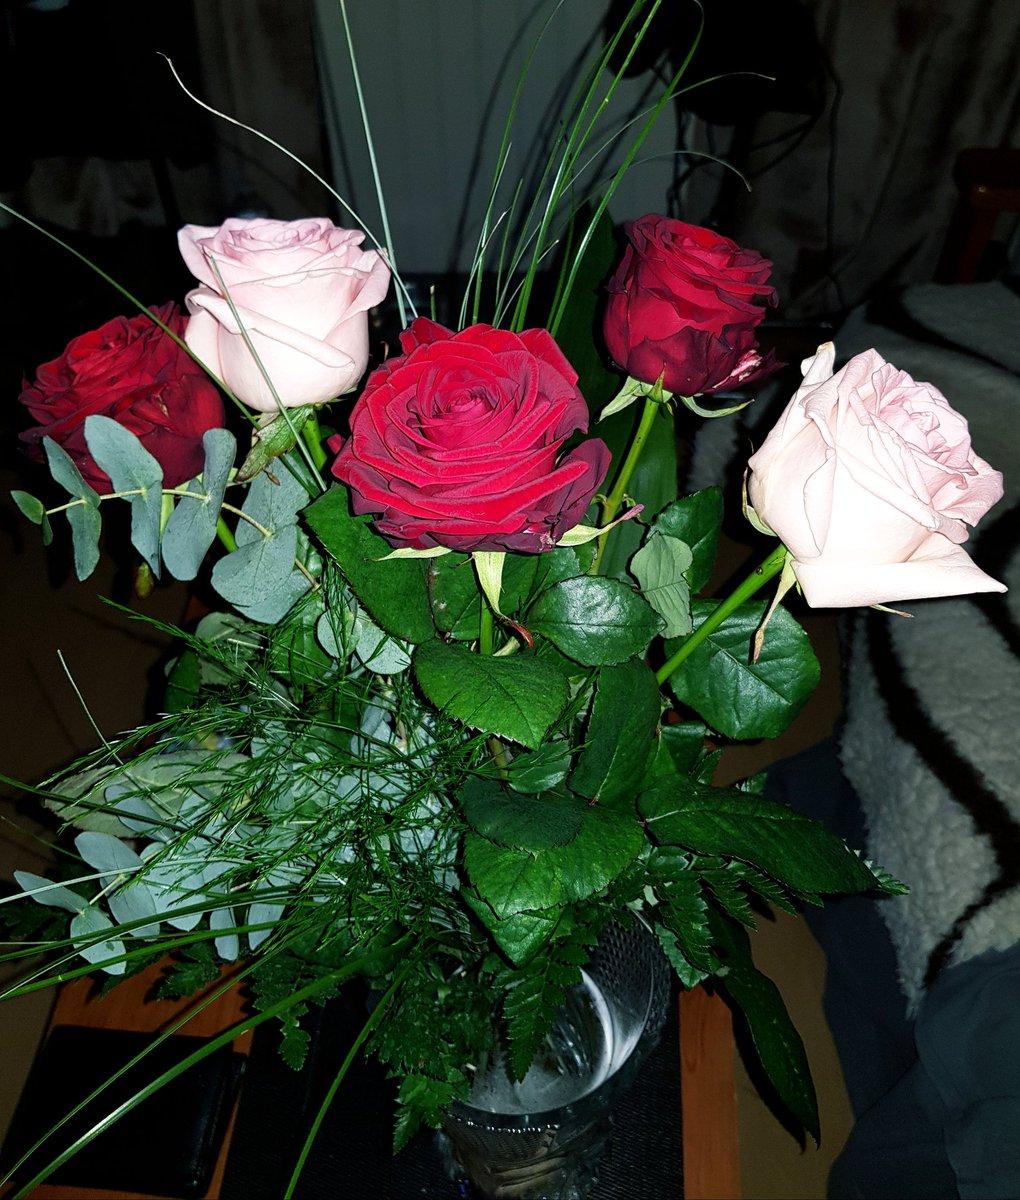 """Bouquet De Fleur Pour St Valentin passion dog loiret در توییتر """"joyeuse st valentin à tous"""